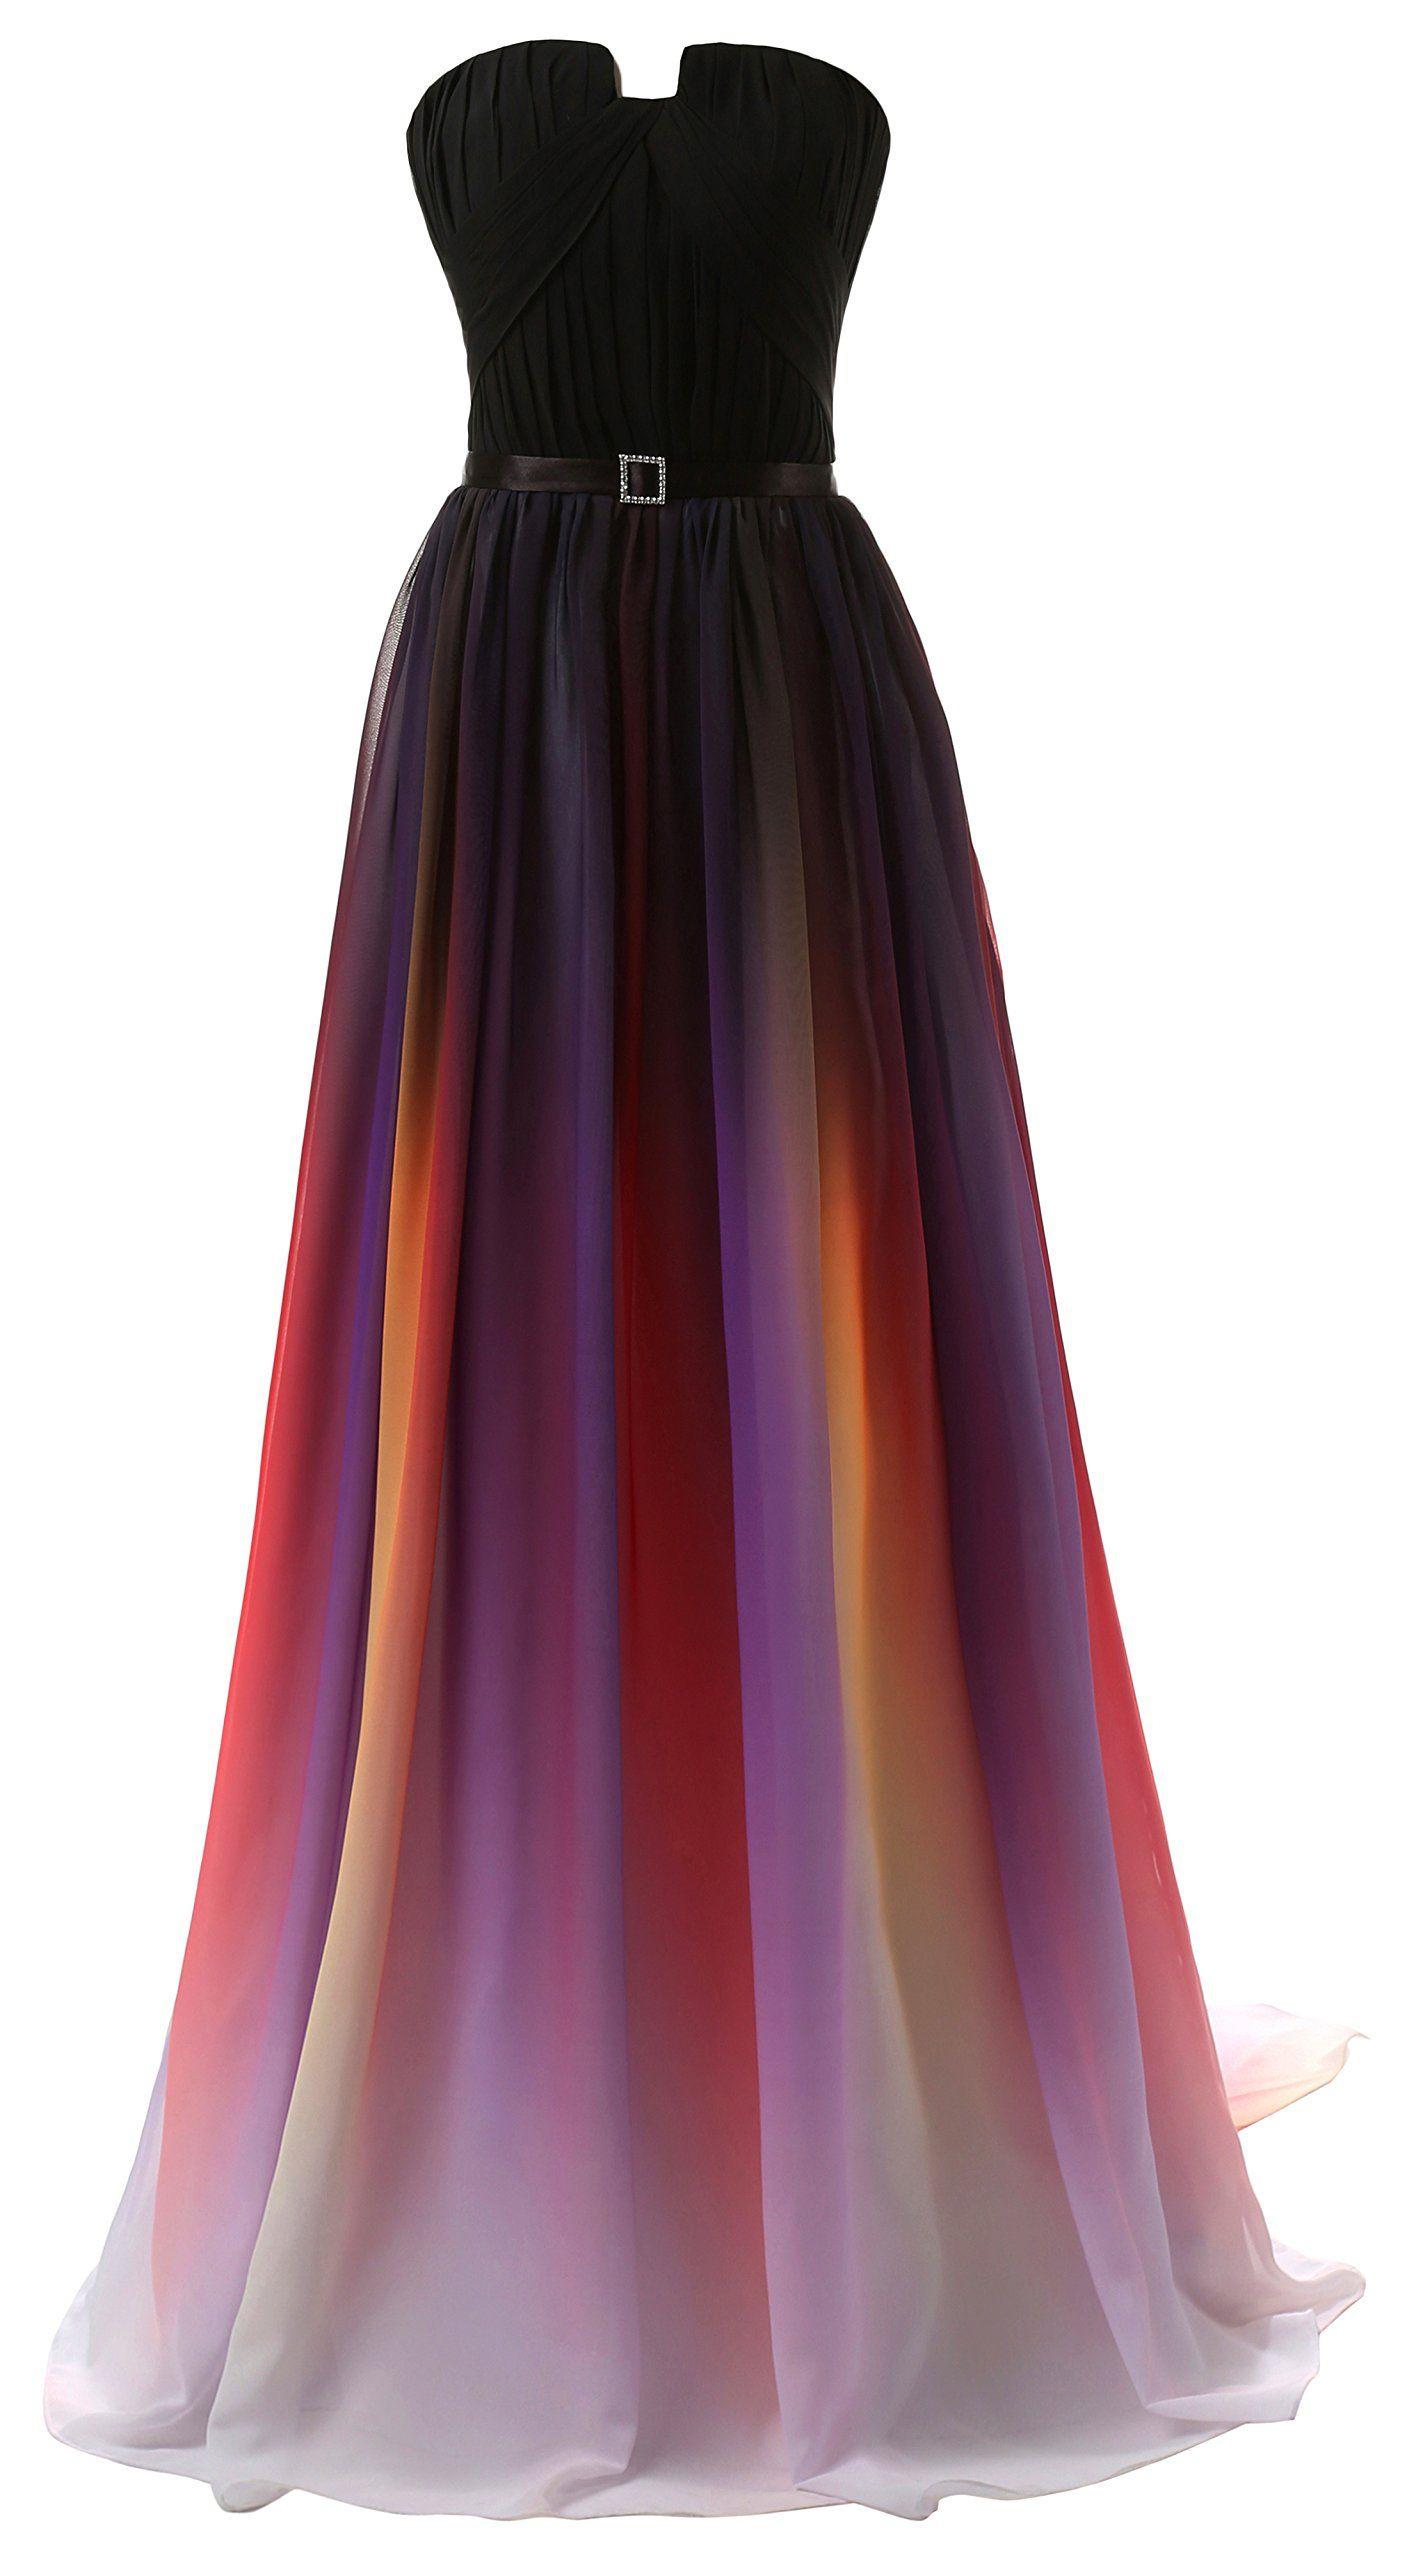 17 Cool U Abendkleid Boutique Schön U Abendkleid für 2019